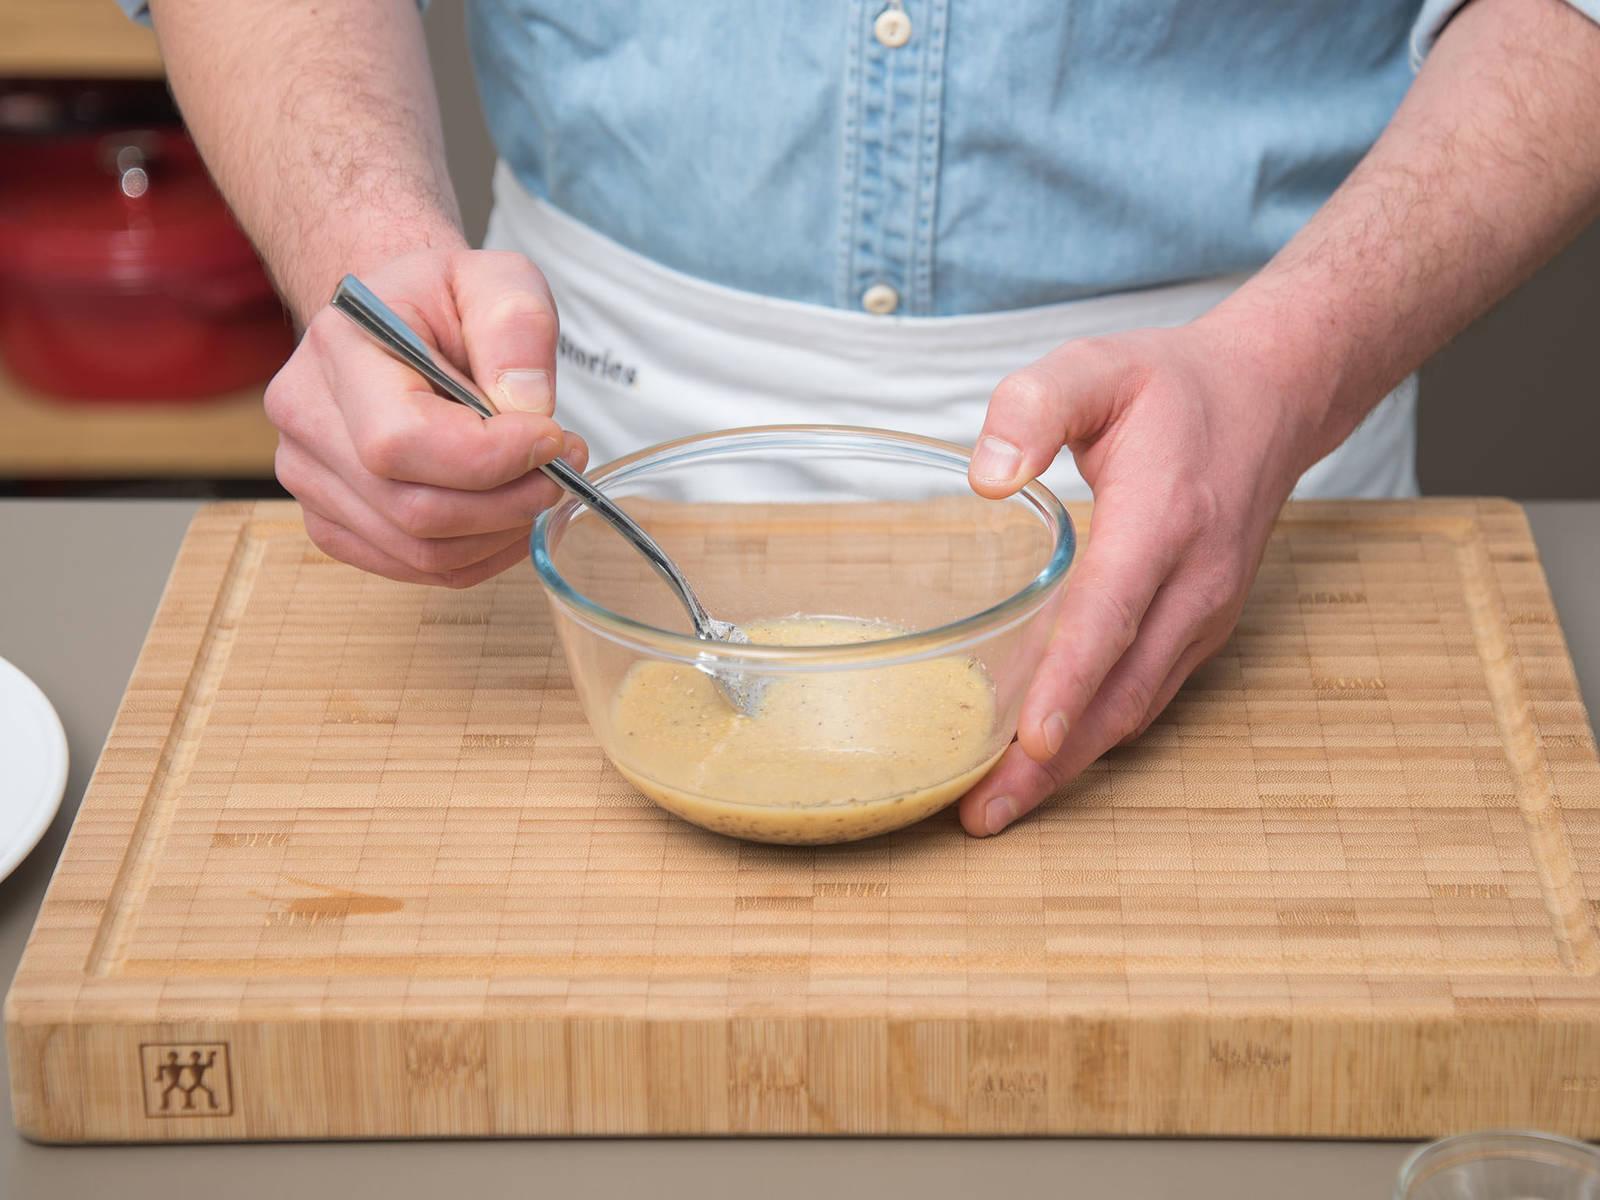 在小碗中放入第戎芥末、整粒芥末、蜂蜜和蔬菜高汤,搅拌均匀,撒盐调味。